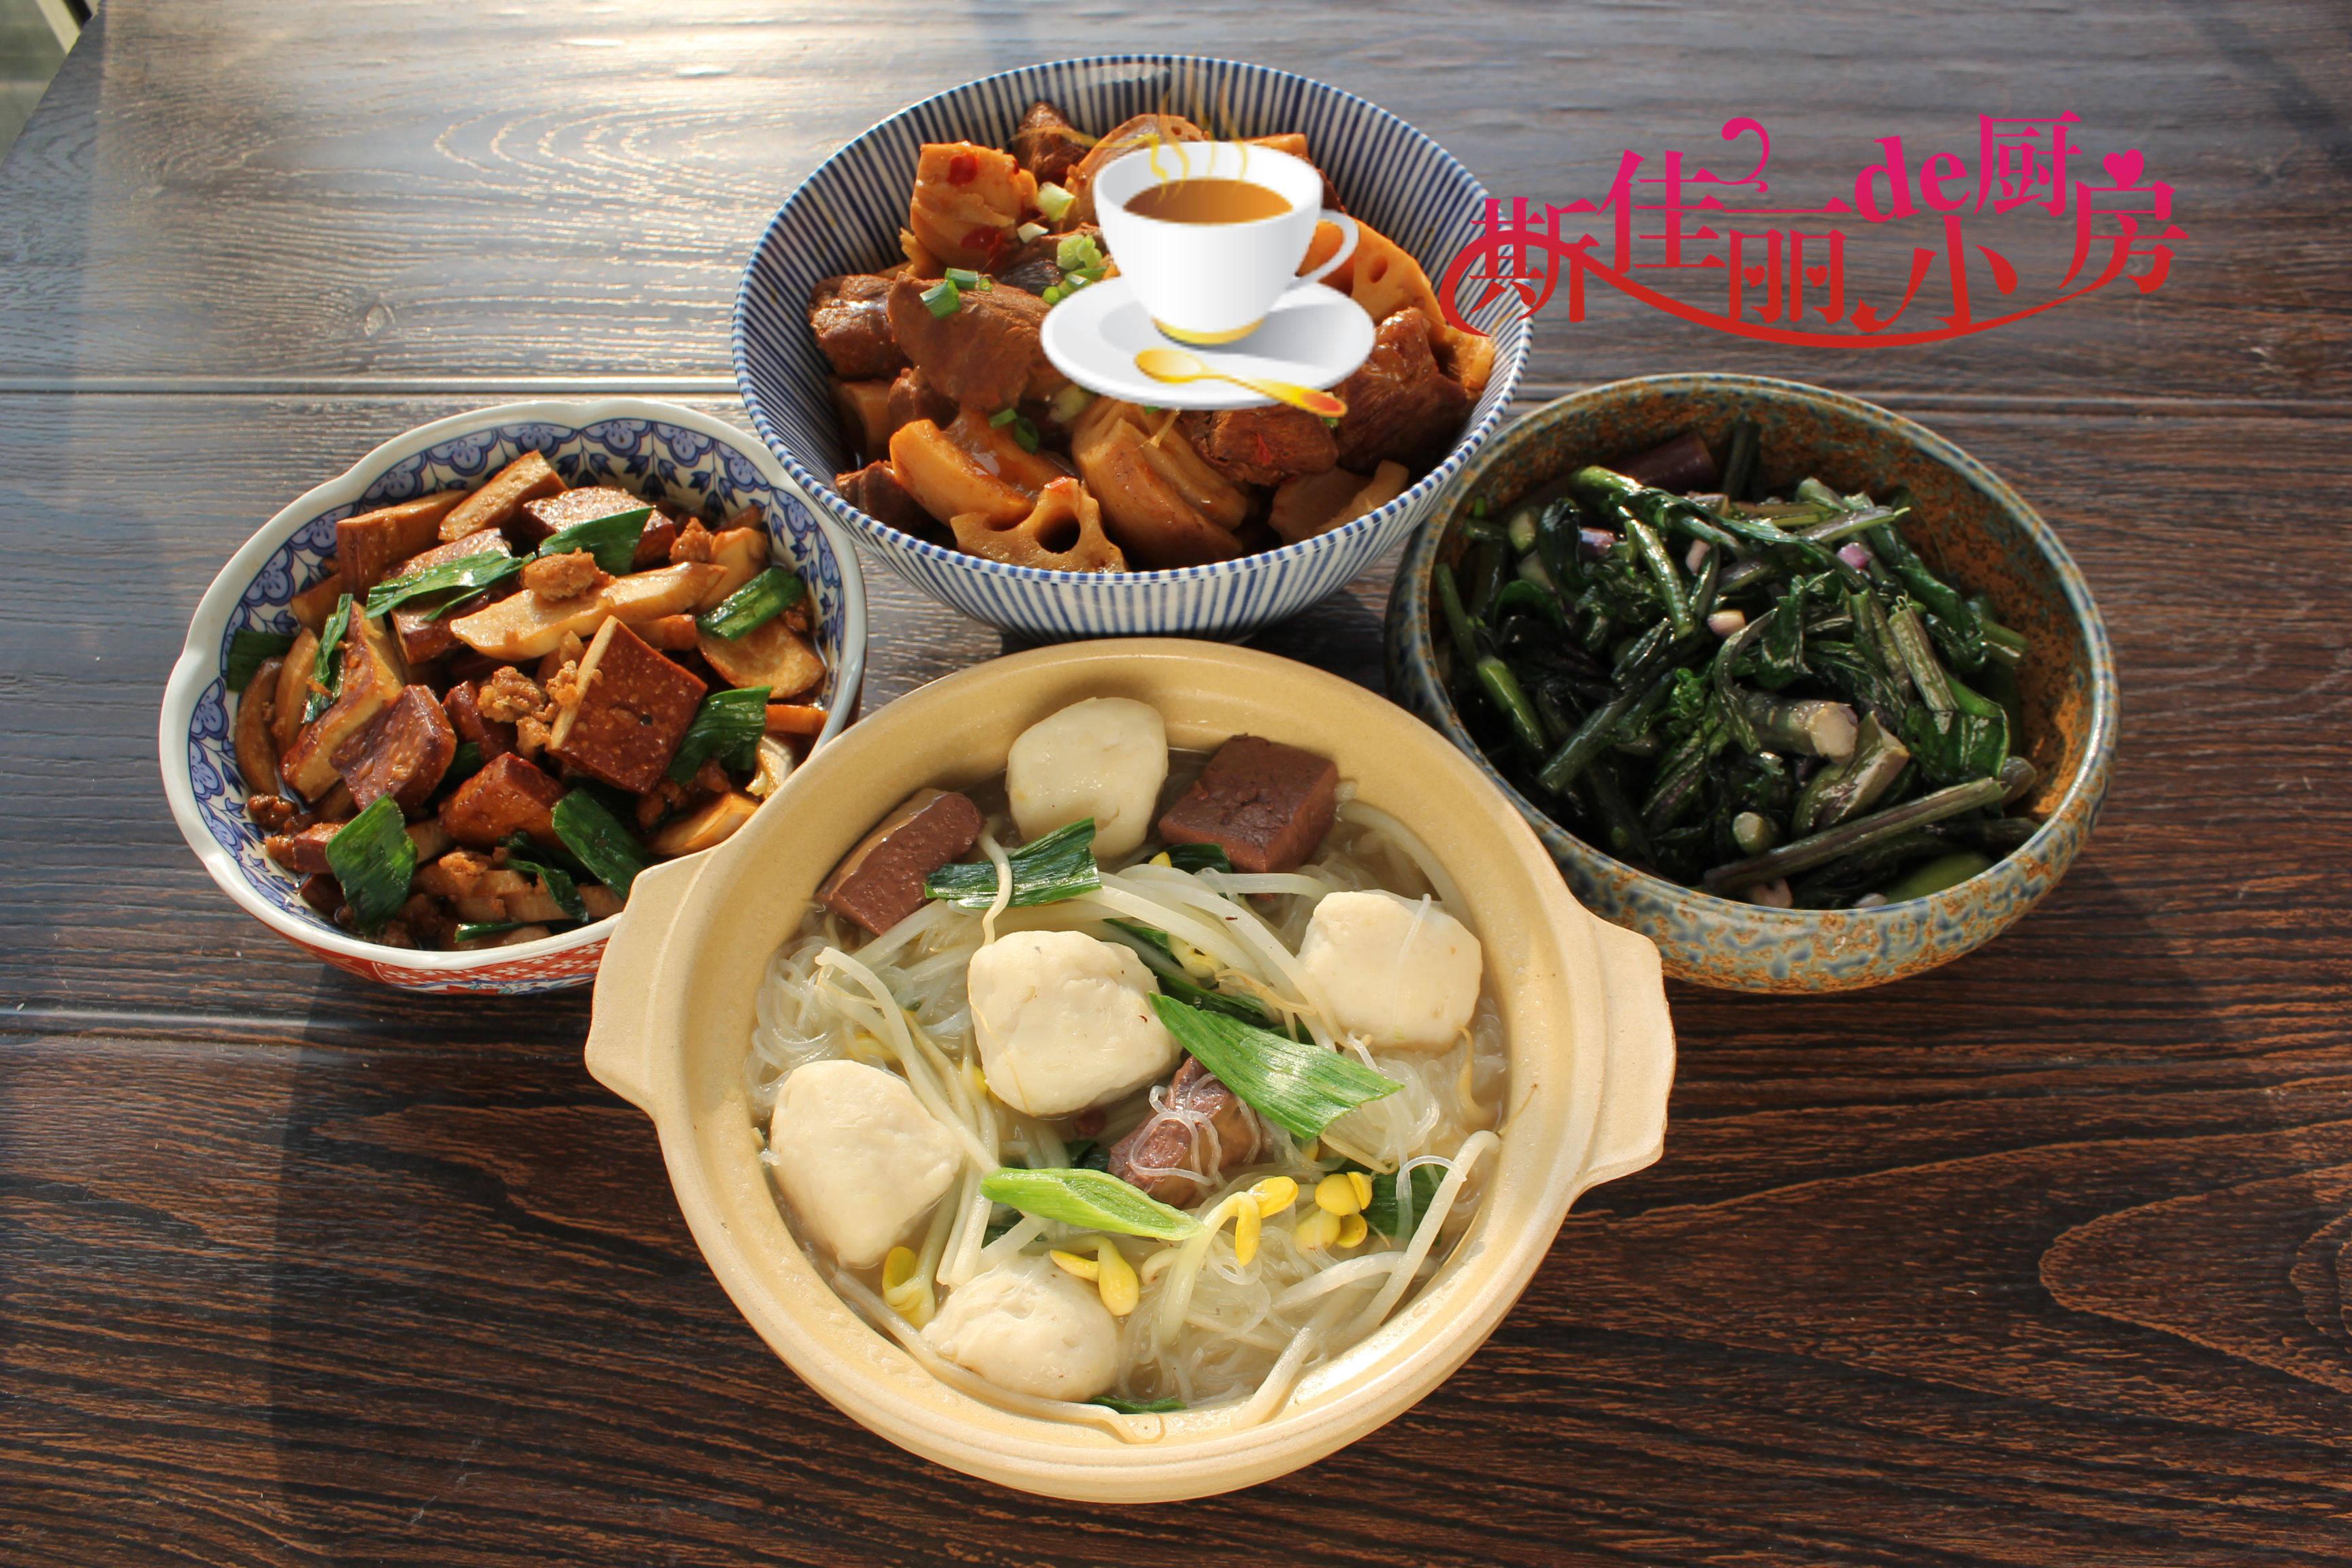 武汉一家三口周末午餐,实惠美味家人吃得香,不剩菜不浪费全吃光